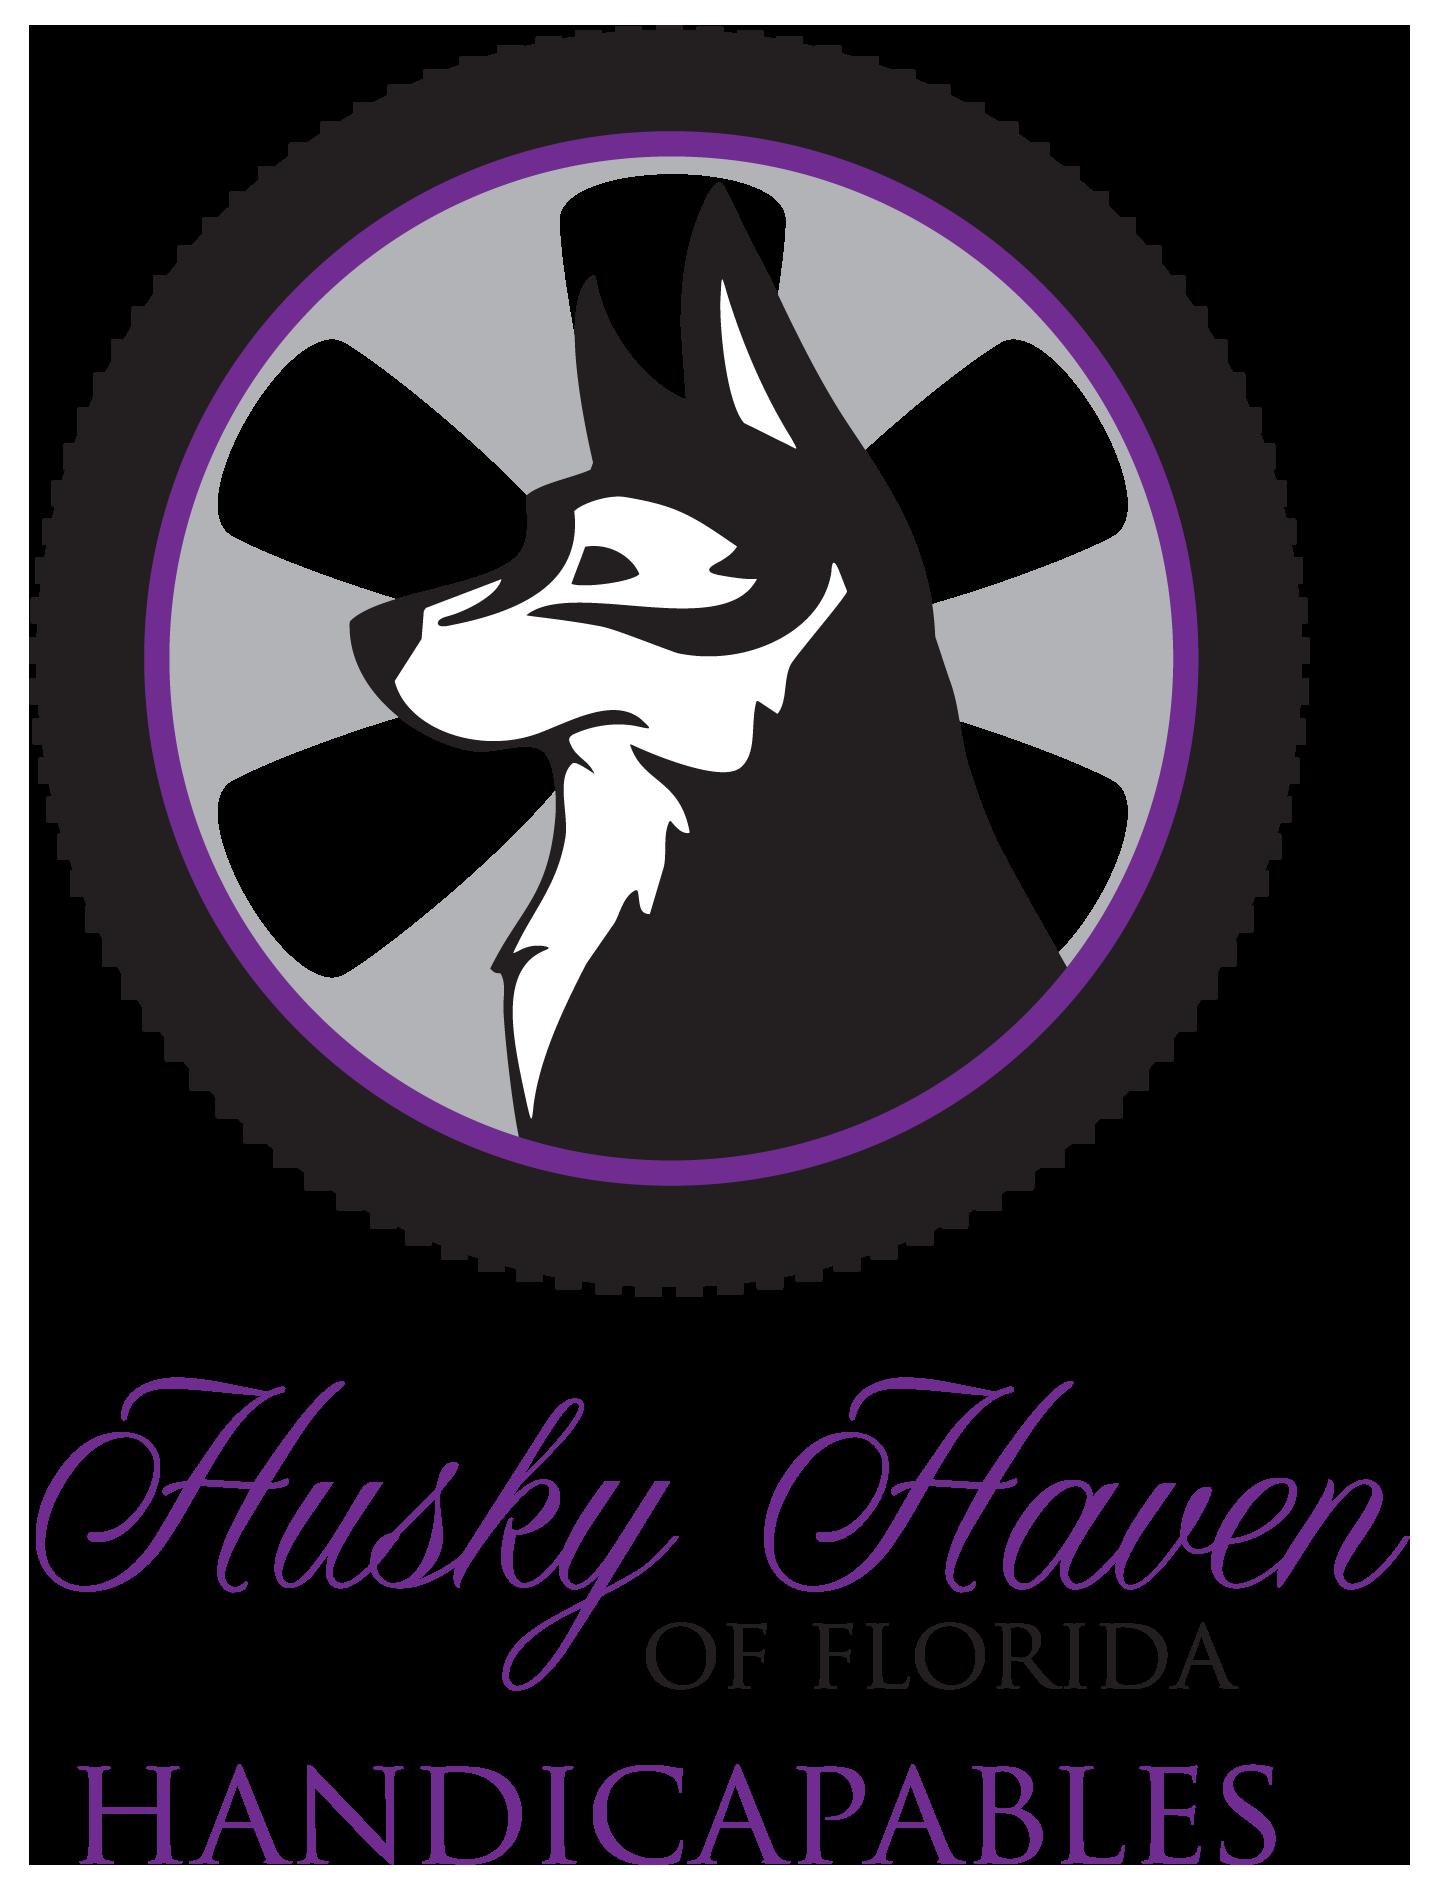 Husky_Haven_Handicapables_Logo_090619.png